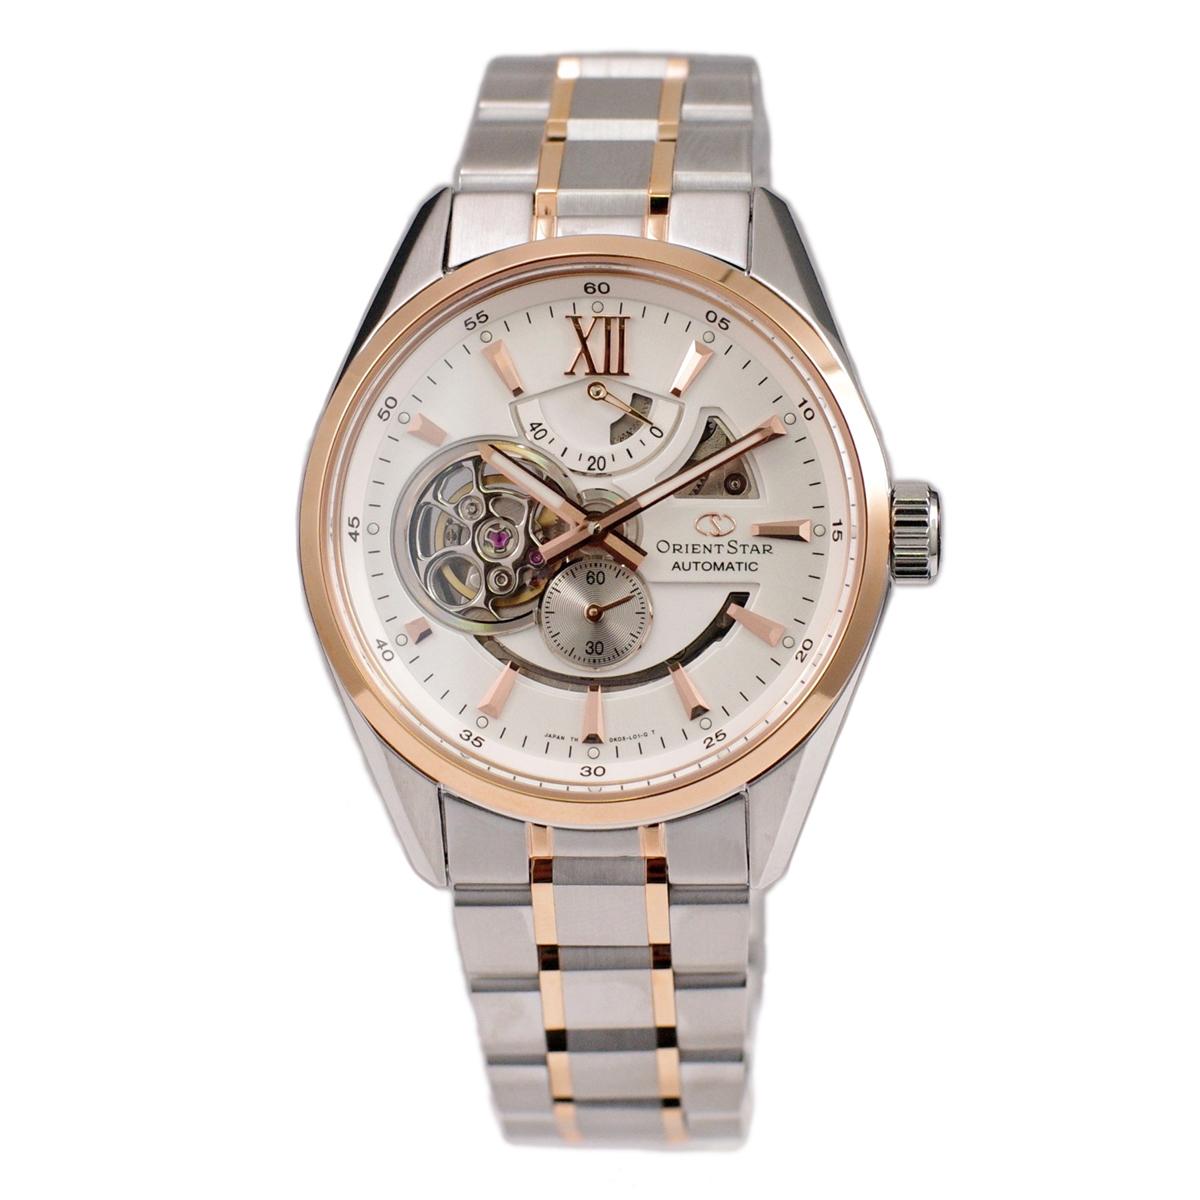 オリエント ORIENT 腕時計 ORIENTSTAR オリエントスター 海外モデル 日本製 自動巻(手巻付き) モダンスケルトン ホワイト&ローズゴールド SDK05001W0 メンズ [並行輸入品]